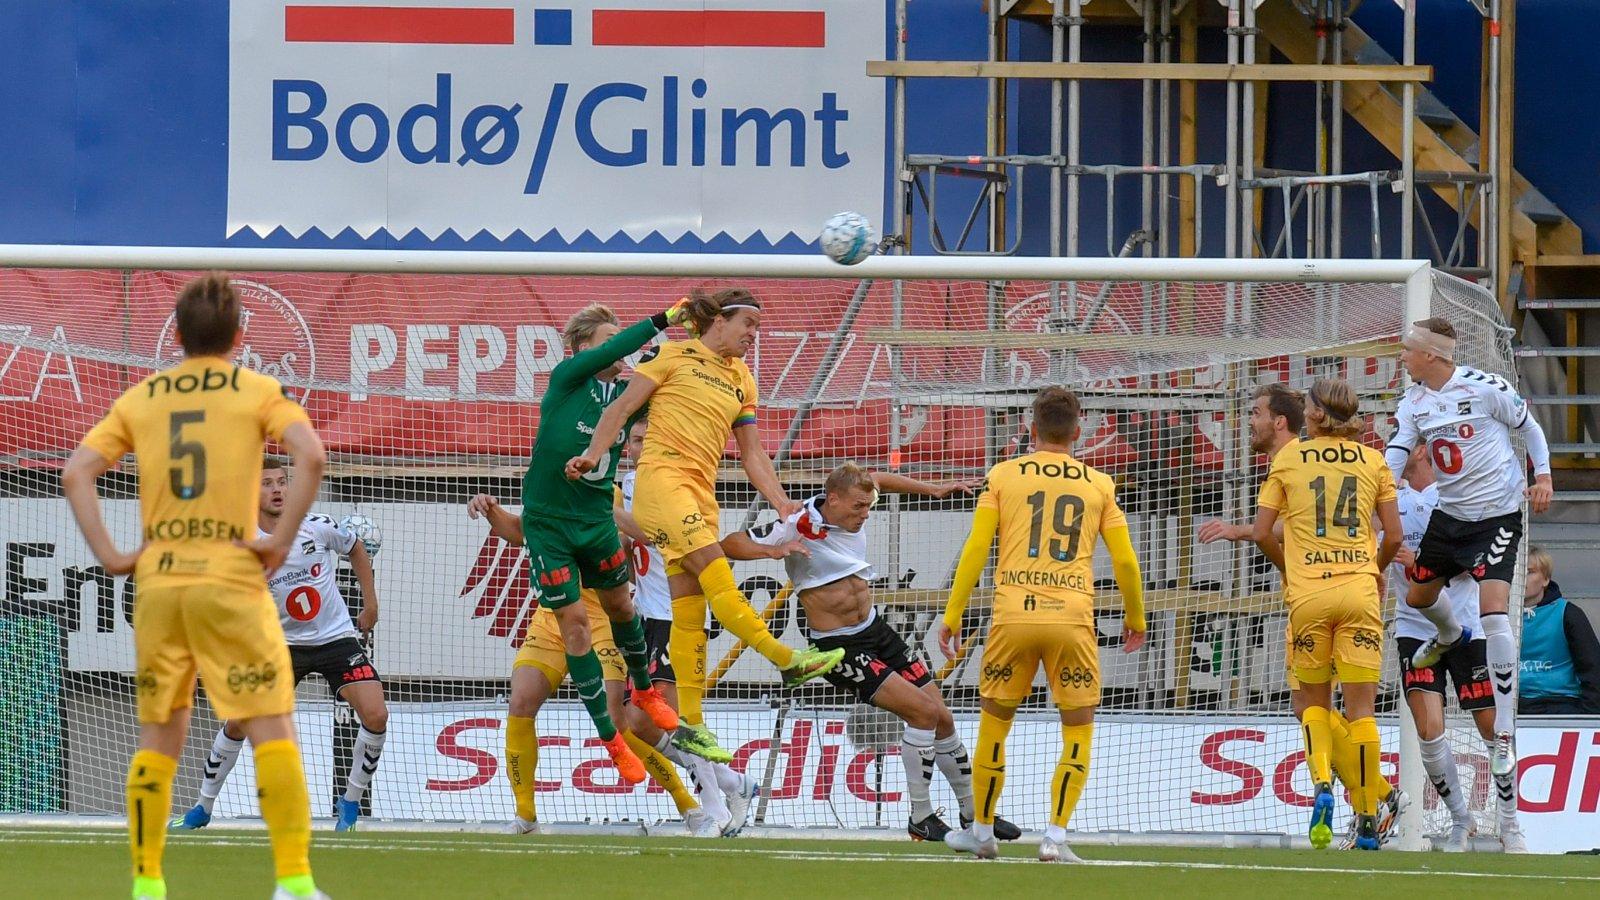 Bodø/Glimt mot Odd på Aspmyra i 2018.